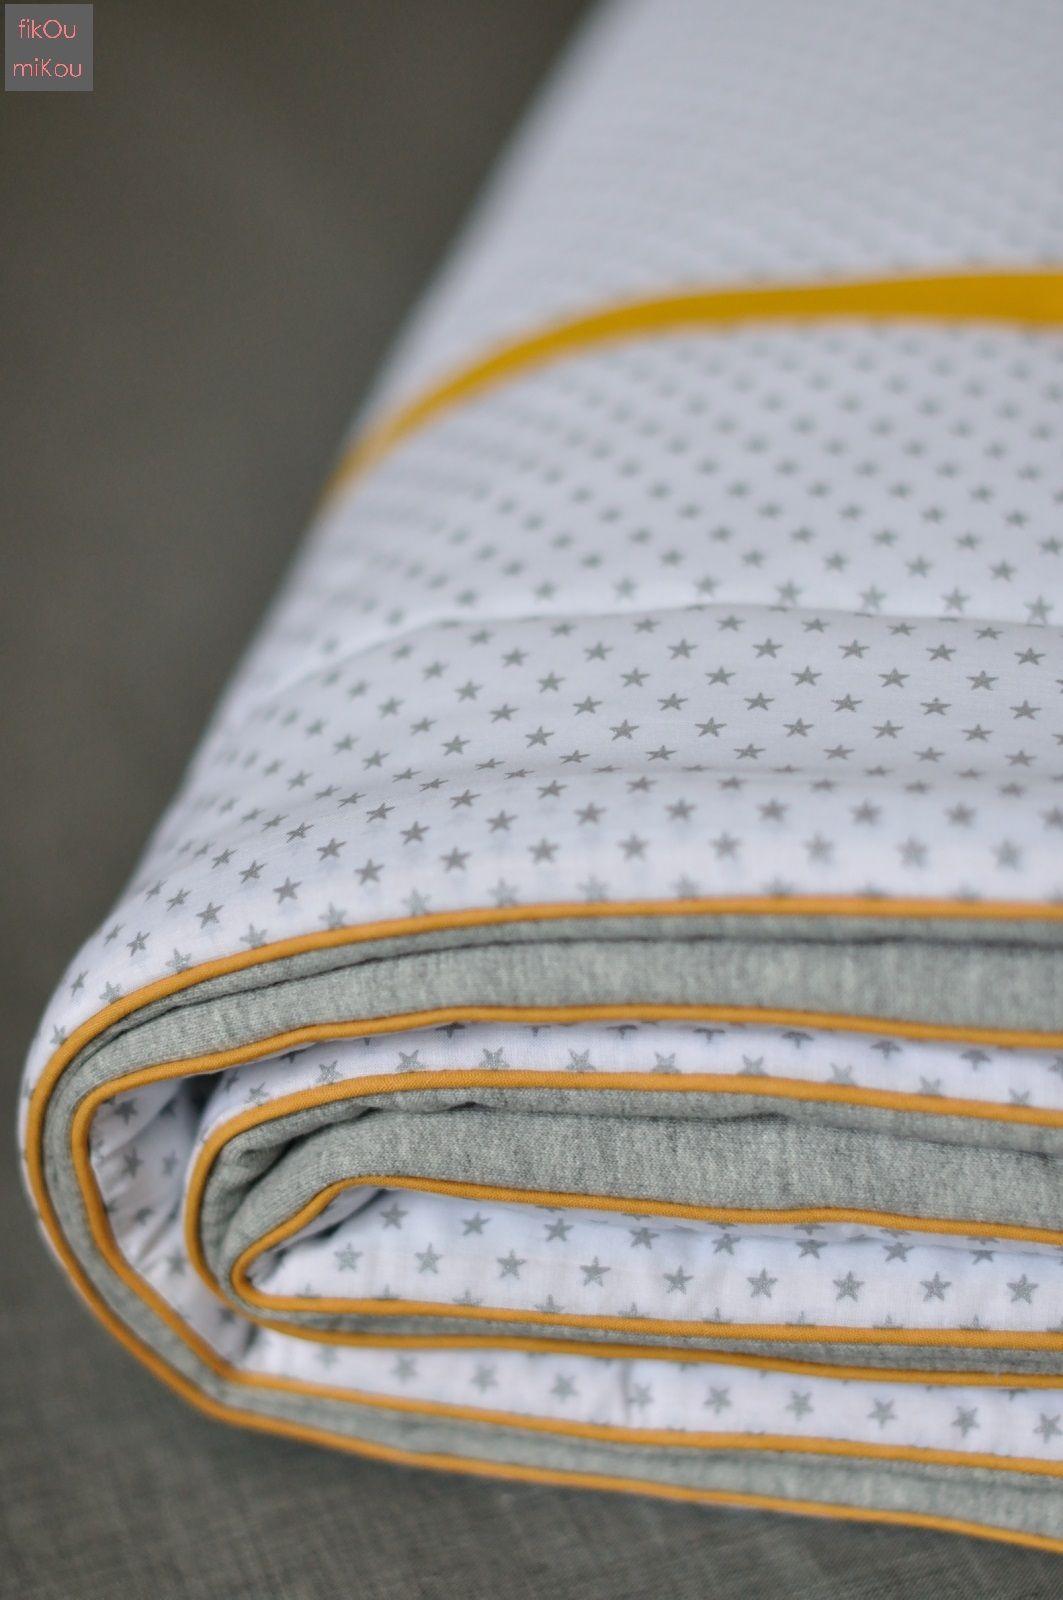 Couverture bébé, jersey gris, batiste blanc à étoiles argent